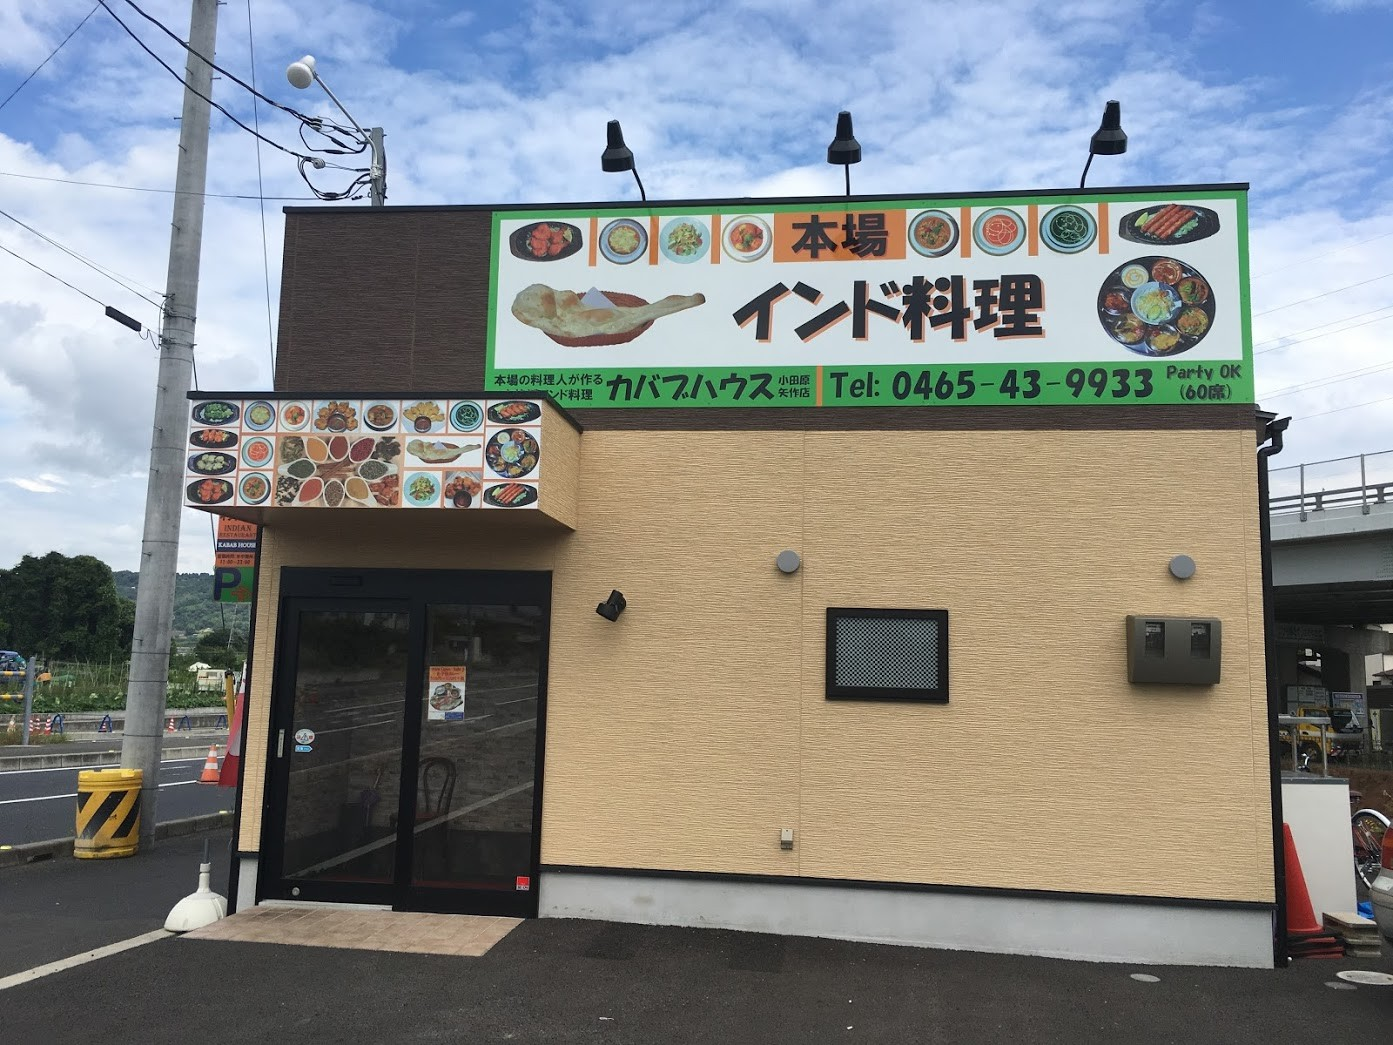 インド料理カバブハウス カバブハウス小田原矢作店